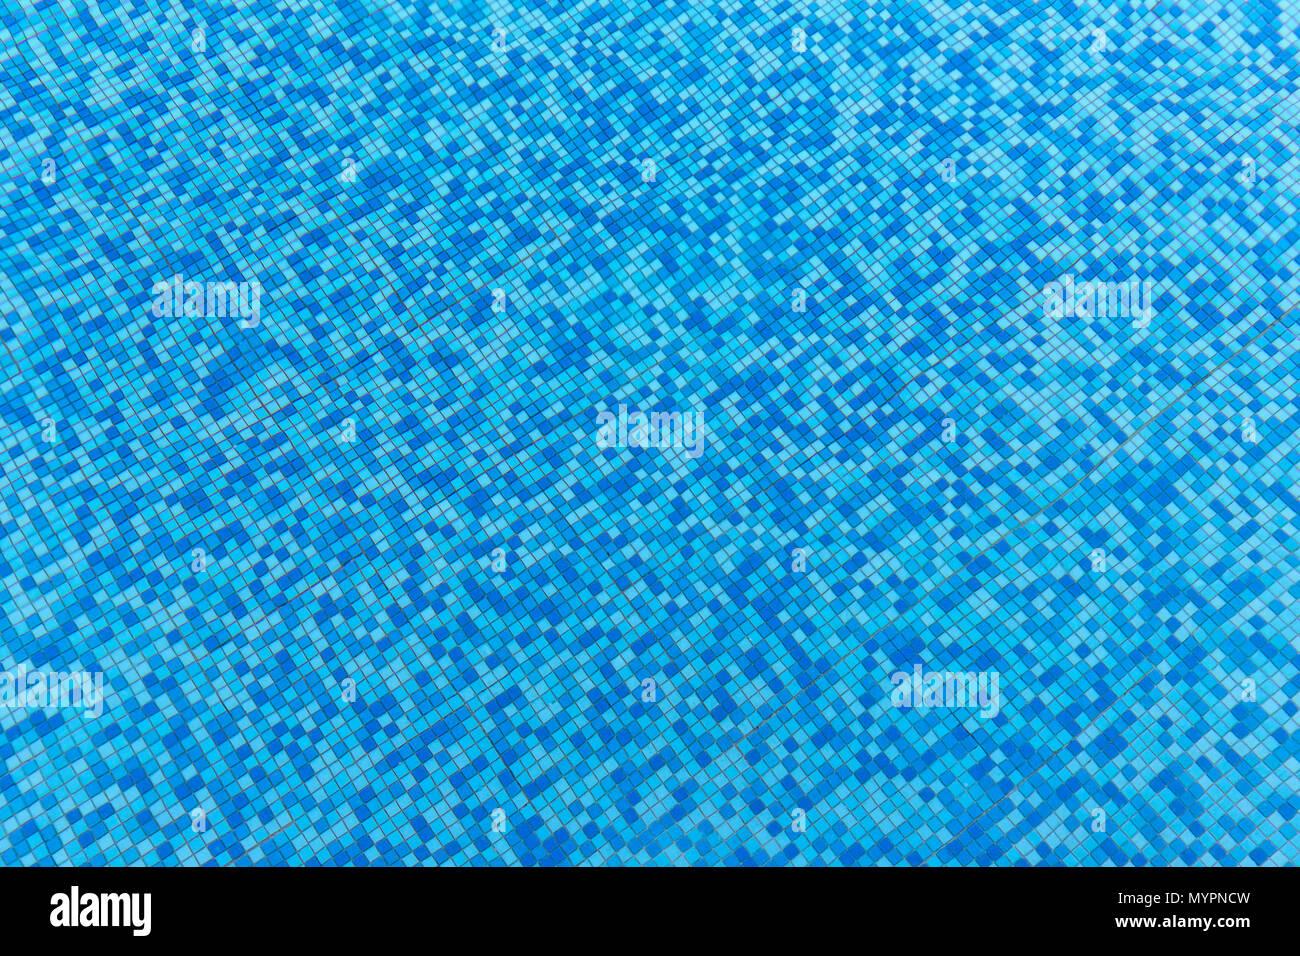 Personalizzato d piastrelle d moderno pavimento pesci tropicali